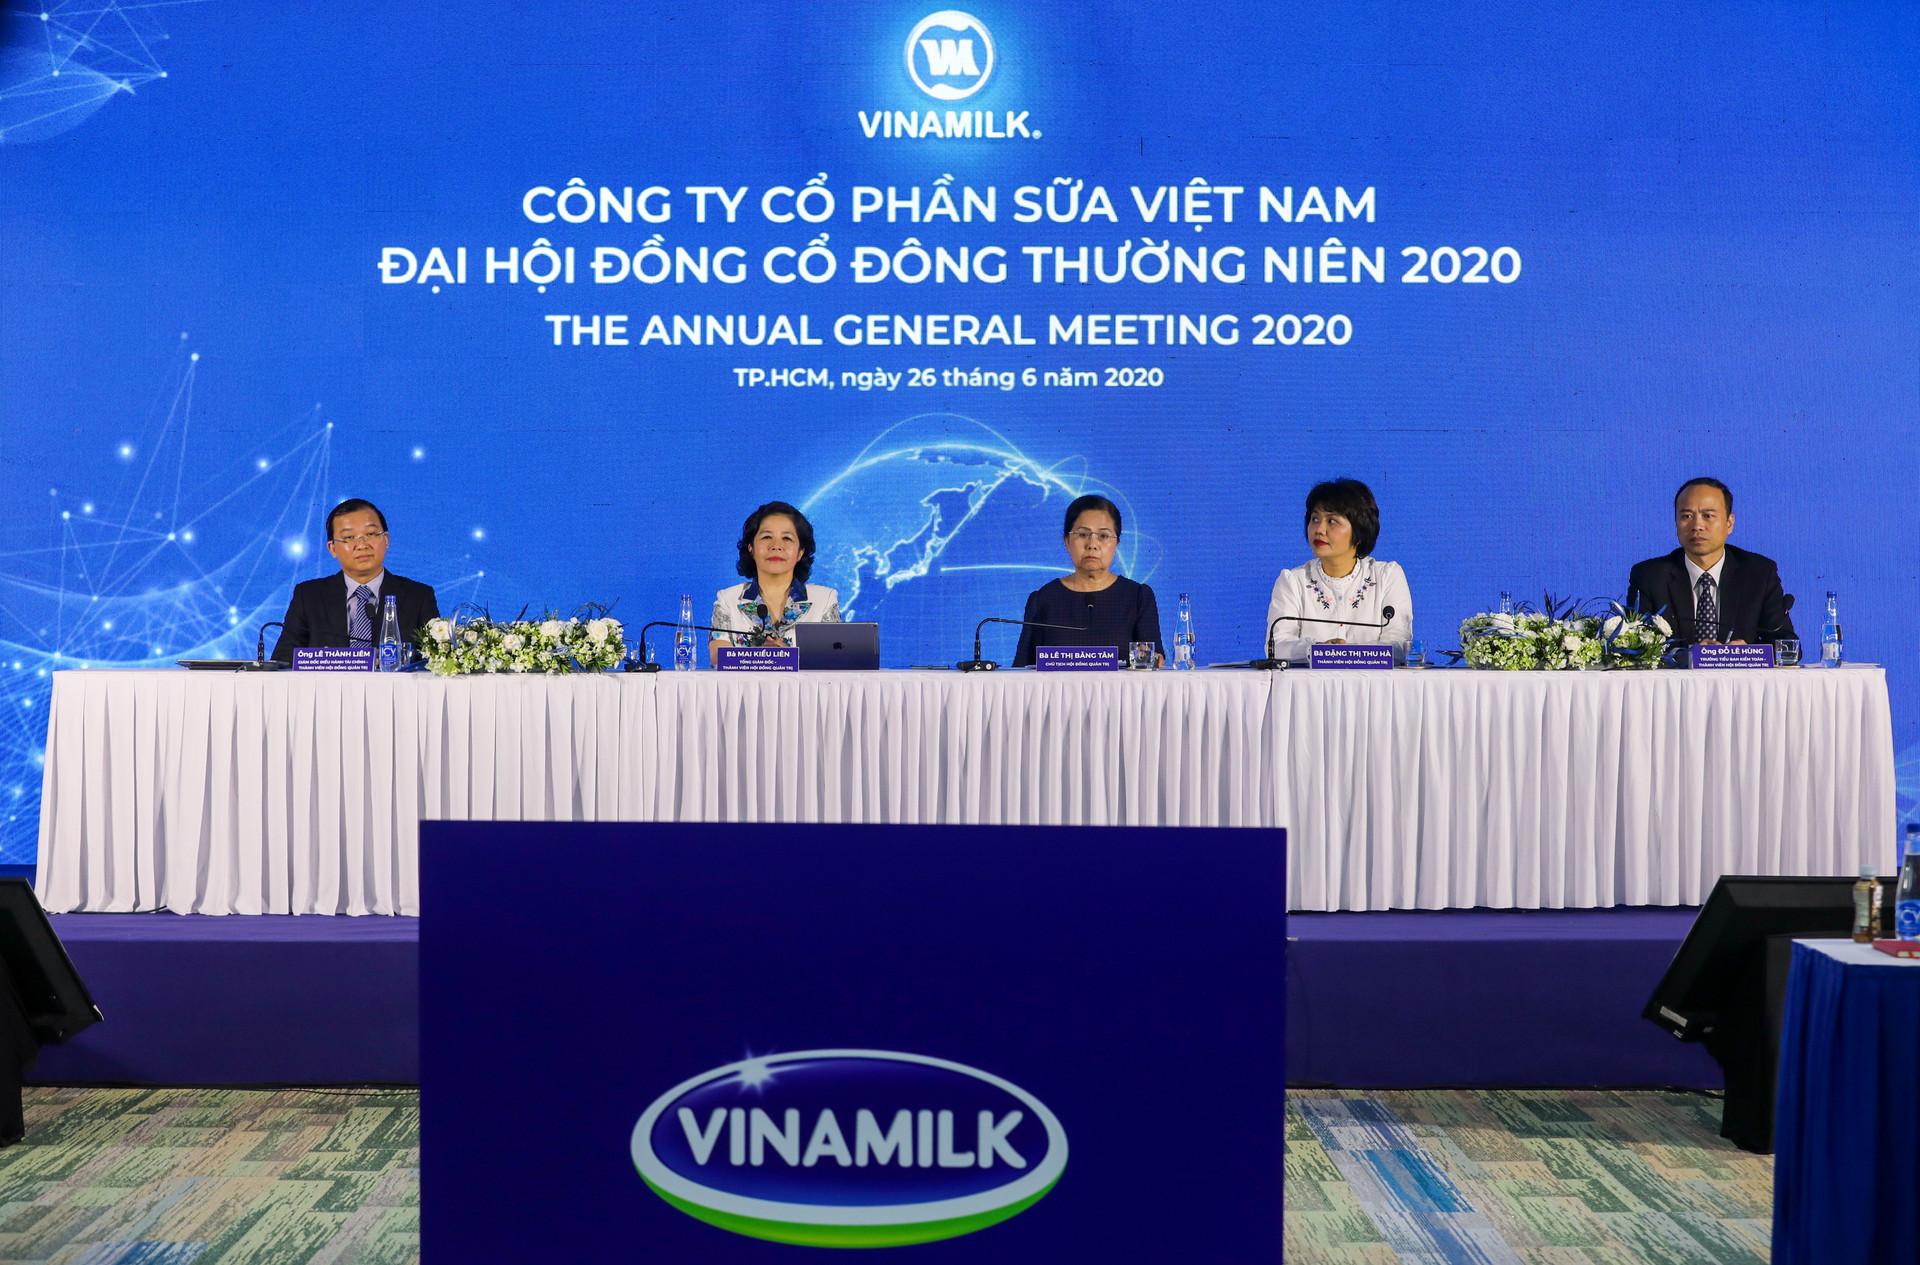 Dù khó khăn trong Covid-19, Vinamilk vẫn đặt mục tiêu tăng trưởng dương trong năm 2020